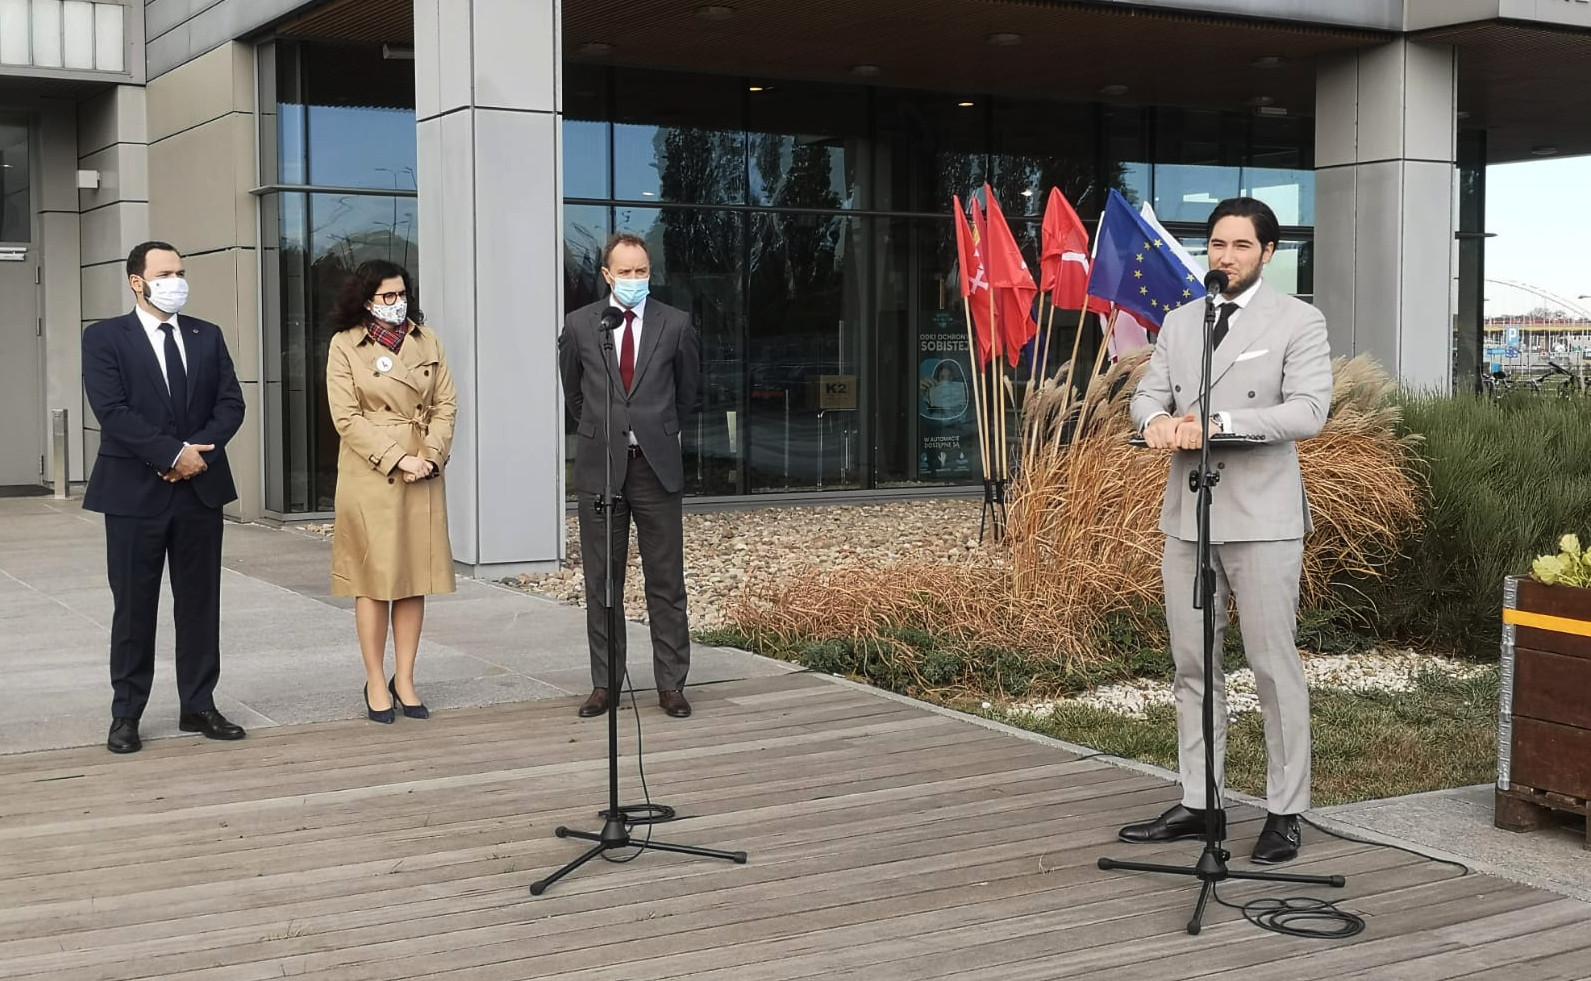 Konferencja prasowa przed budynkiem MTG. Mieczysław Struk, Aleksandra Dulkiewicz, Kamil Wyszkowski